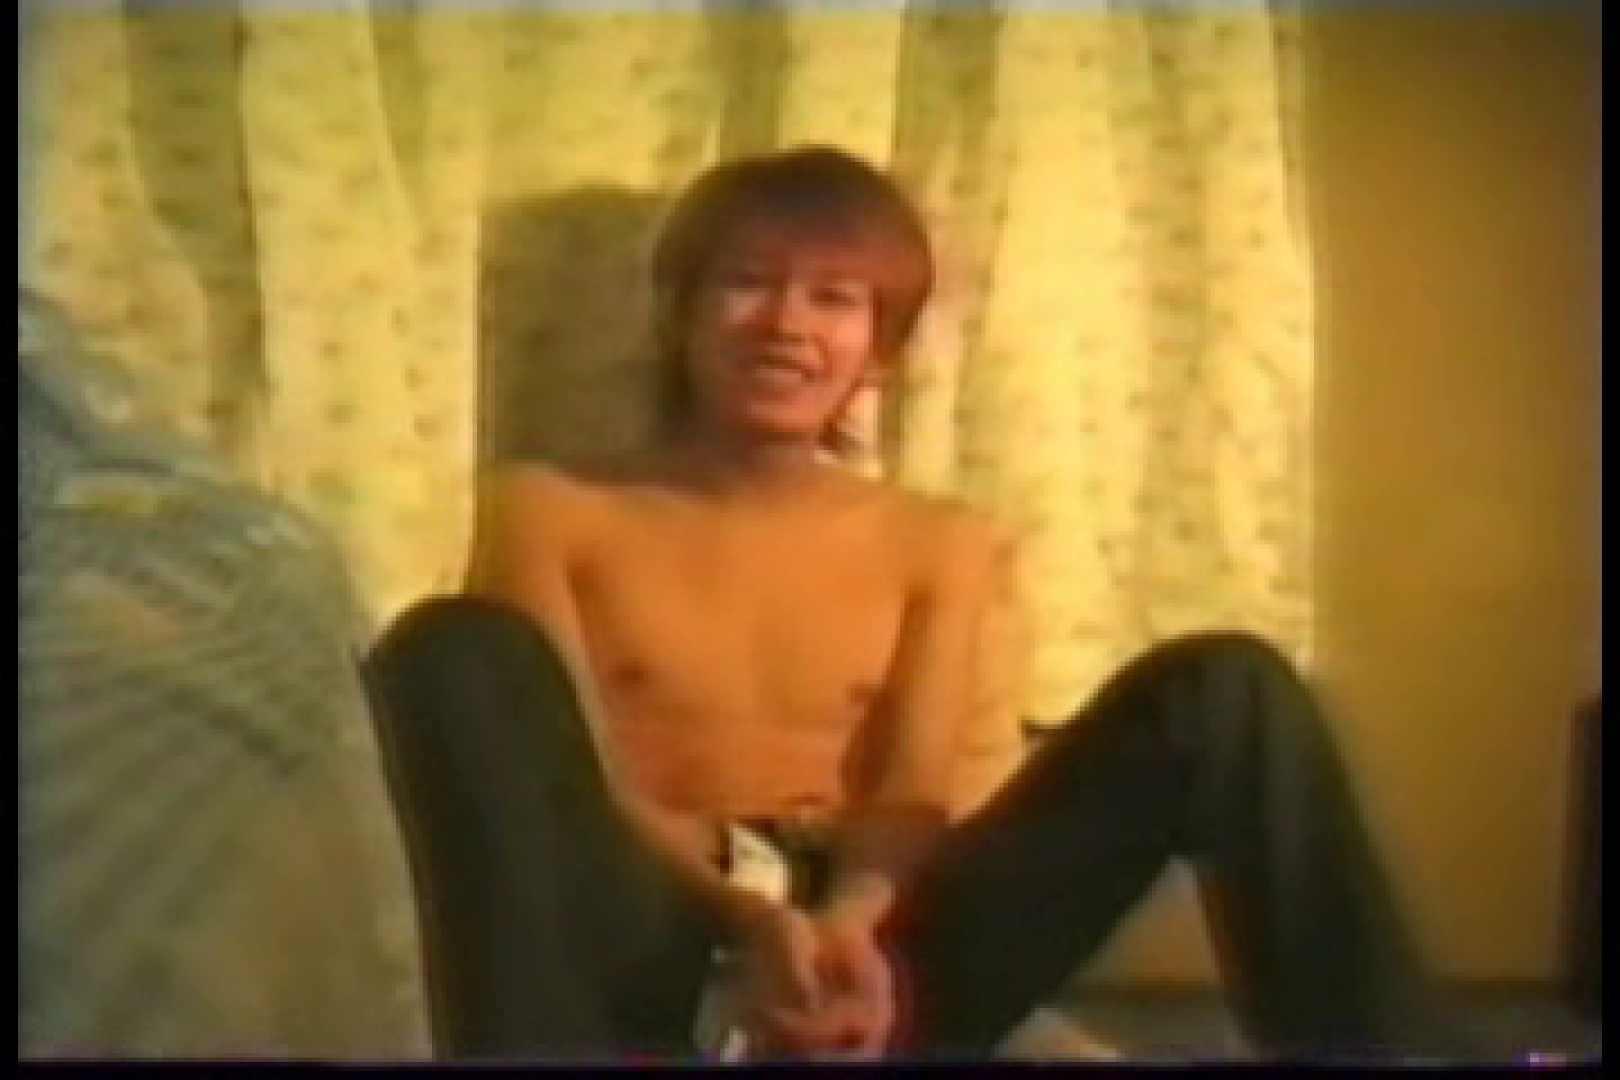 【投稿】ほら!カメラの前でオナニーしてごらん ゲイのオナニー映像 男同士画像 102枚 2